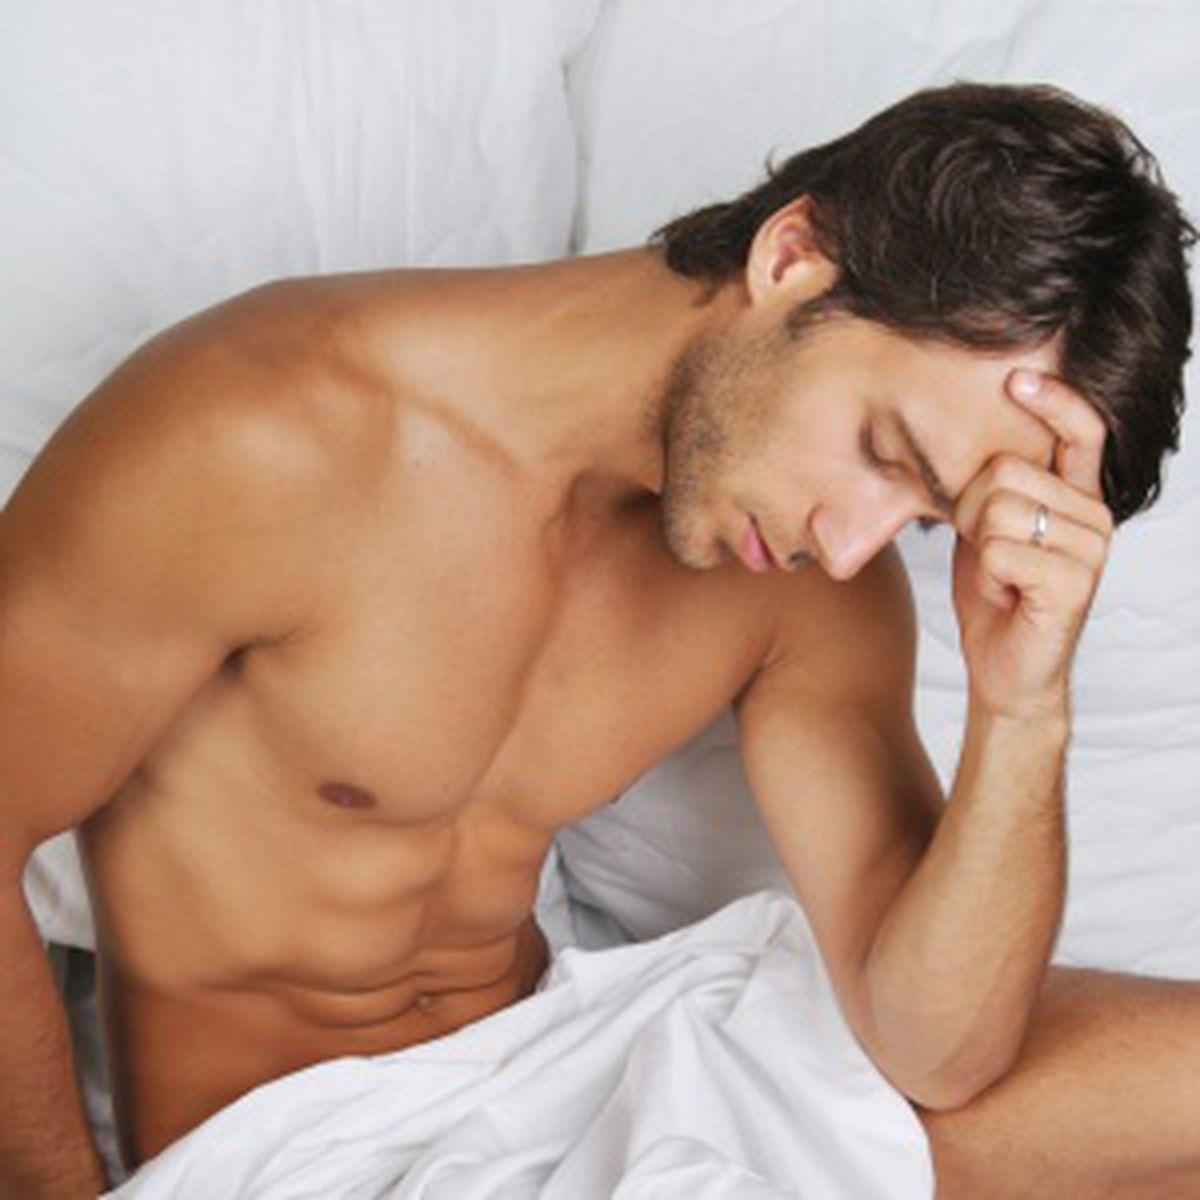 ce fac barbatii in timpul unei erectii